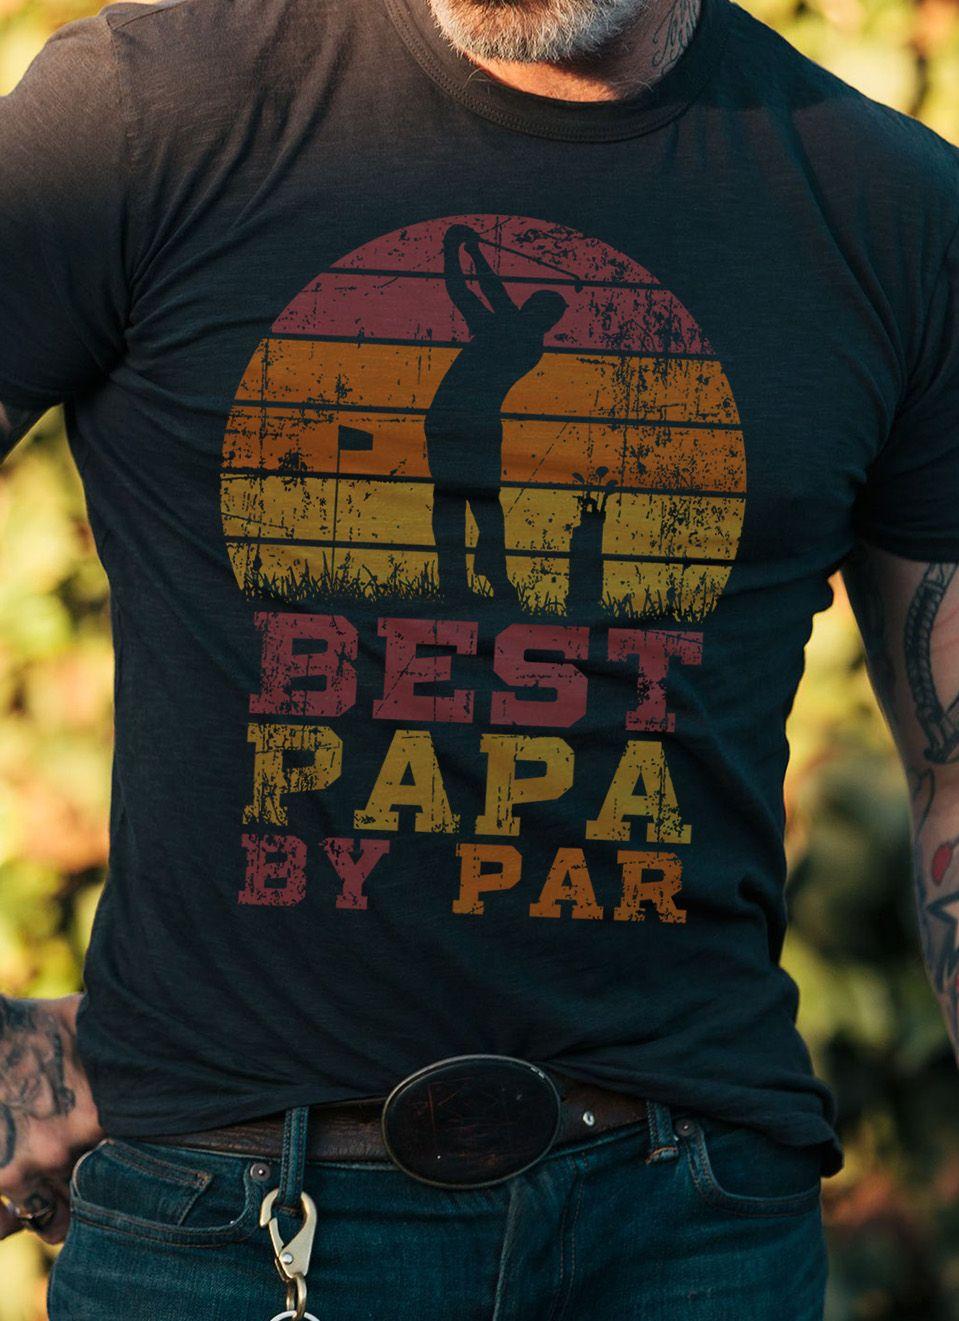 e2d3c68d Mens Father's day Best Papa By Par Funny Golf Gift Shirt. Funny Father's  day Best